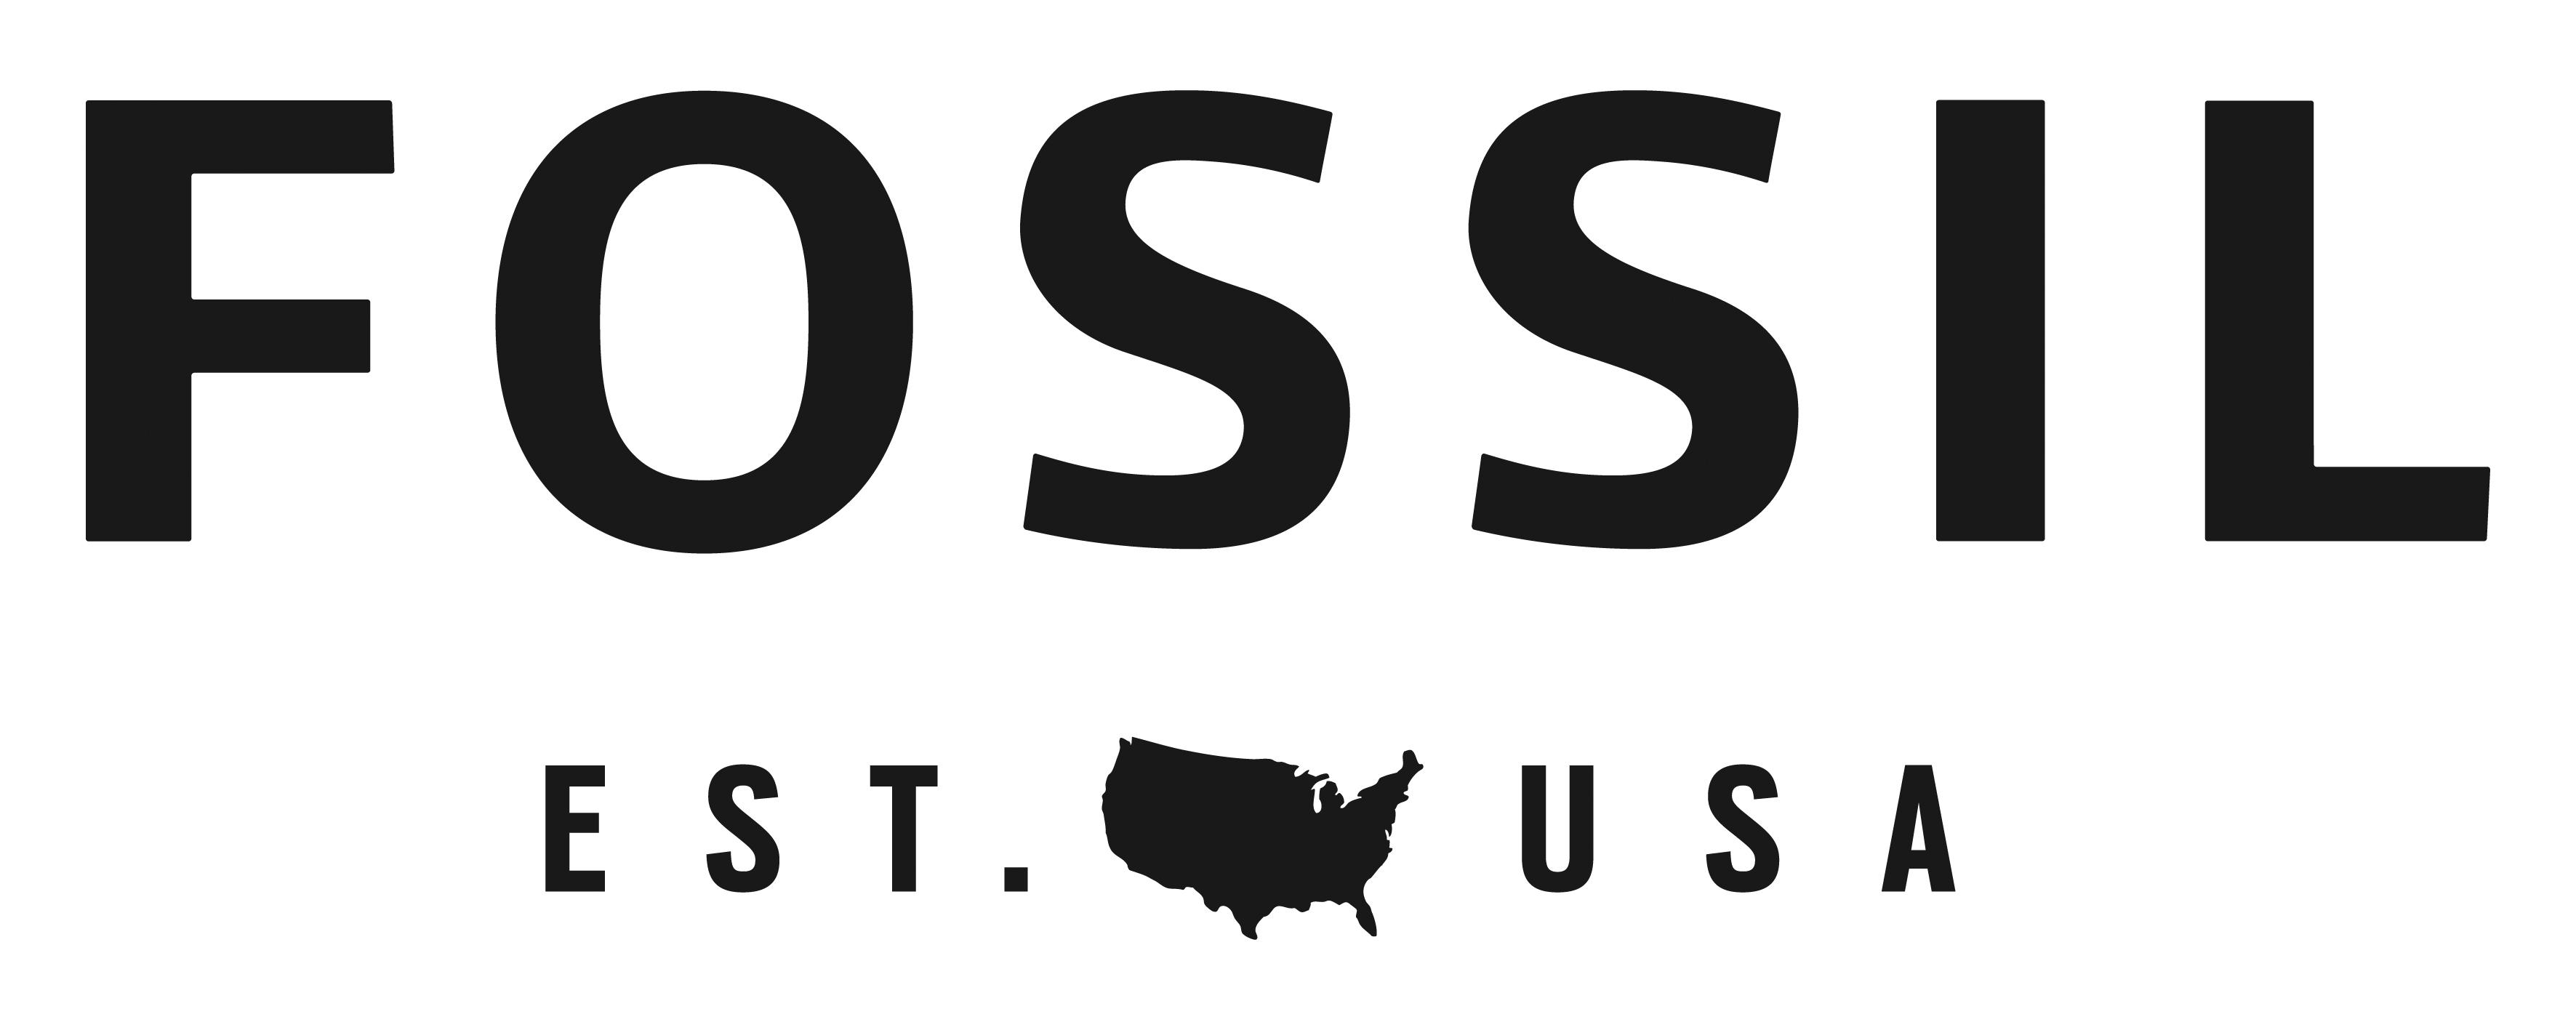 fossil-canada-logo